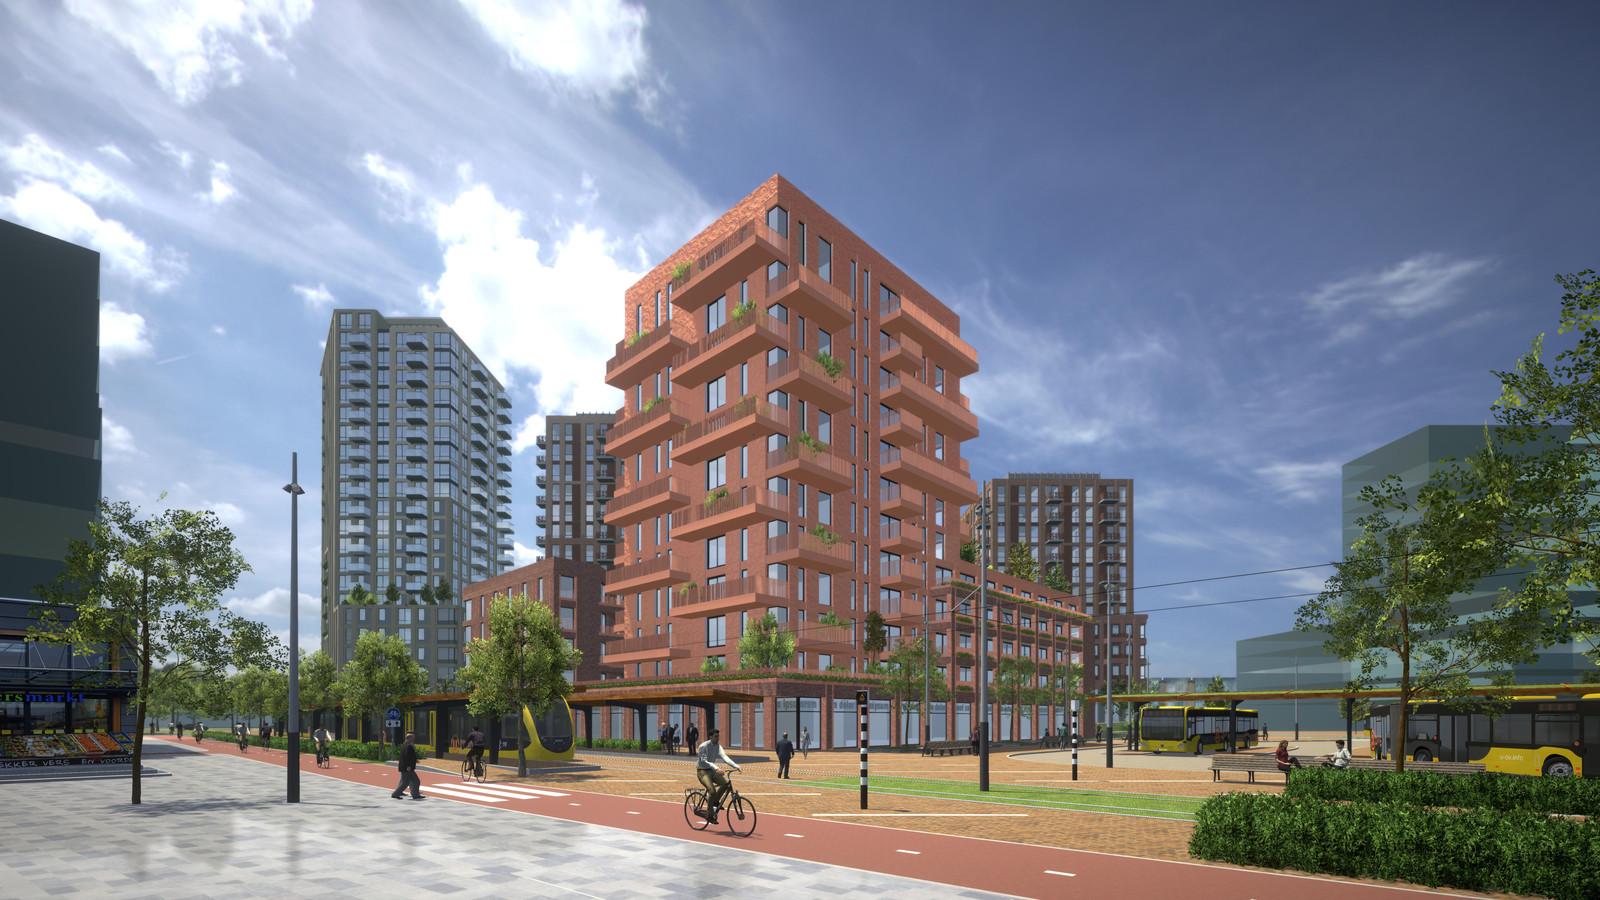 Een artist impression van het toekomstige City-west in Nieuwegein waar de komende jaren veel woningen gebouwd gaan worden.